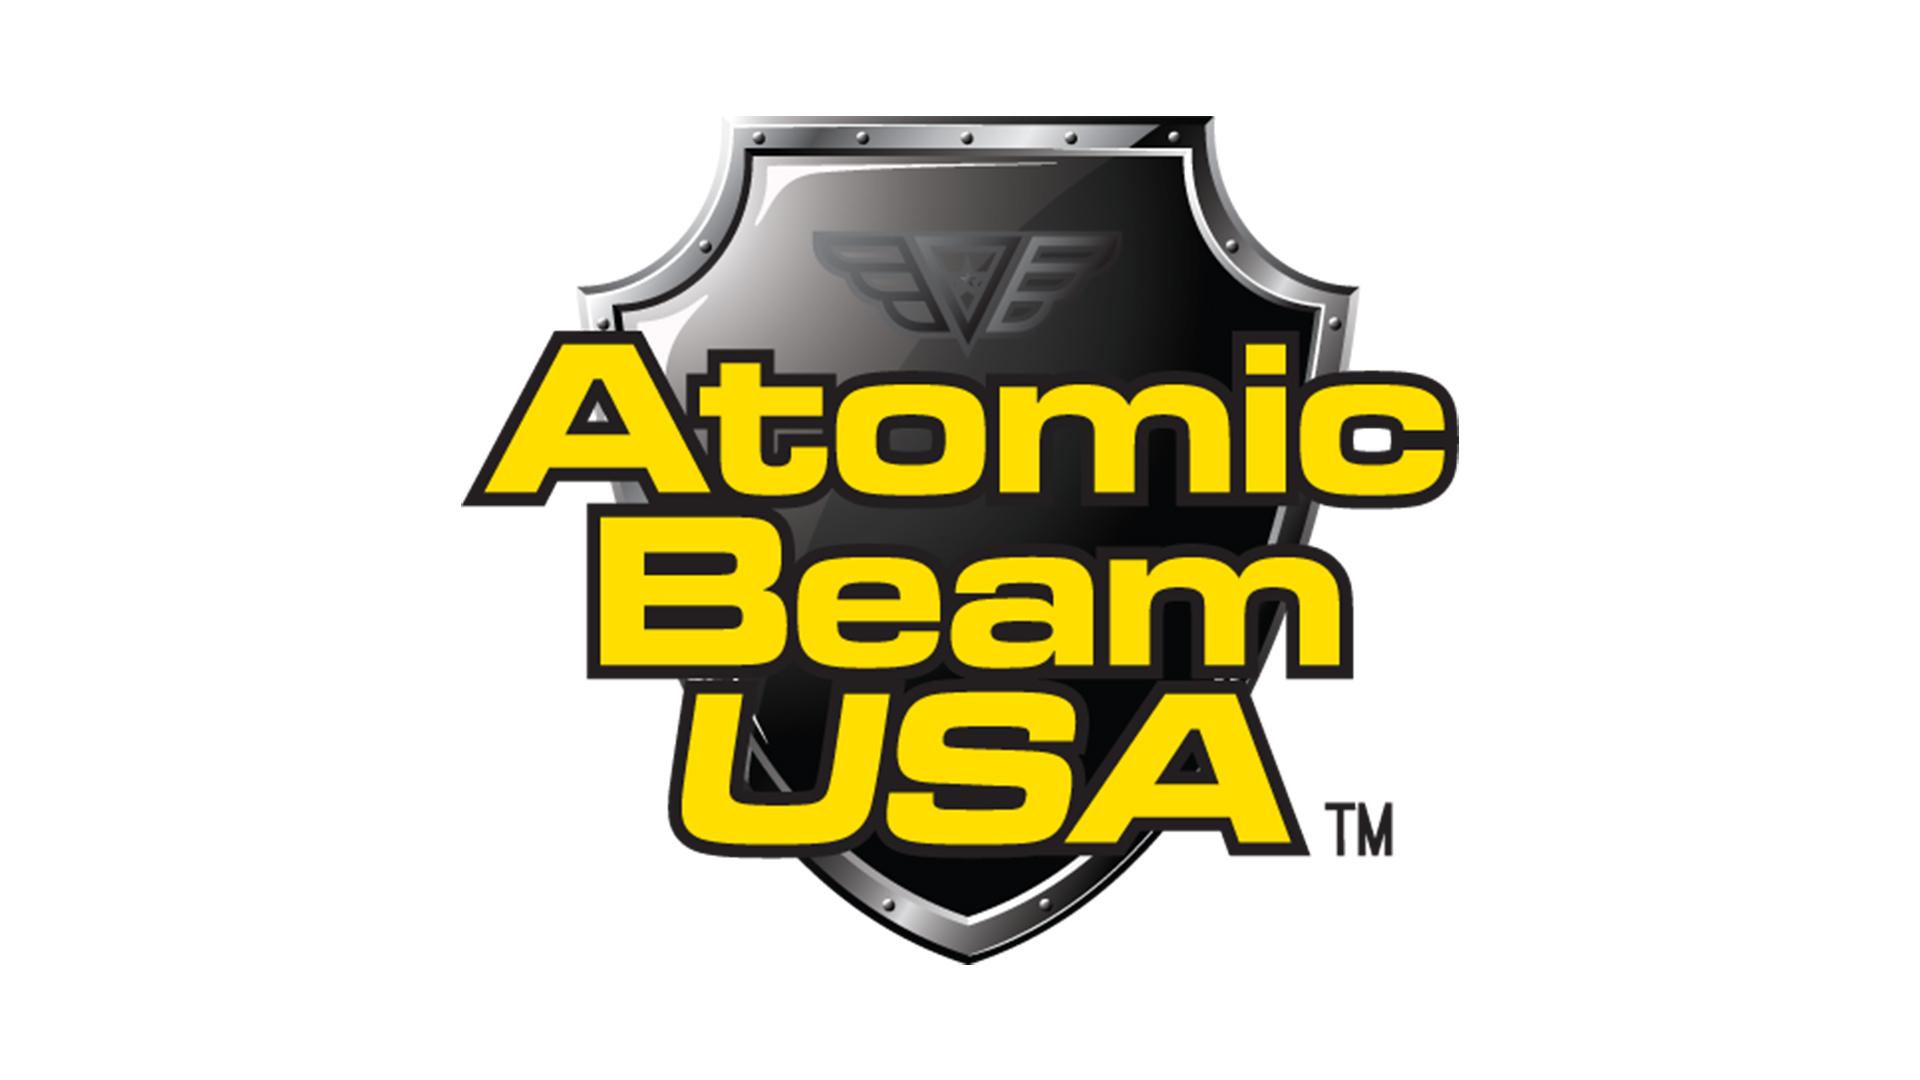 Atomic Beam.jpg